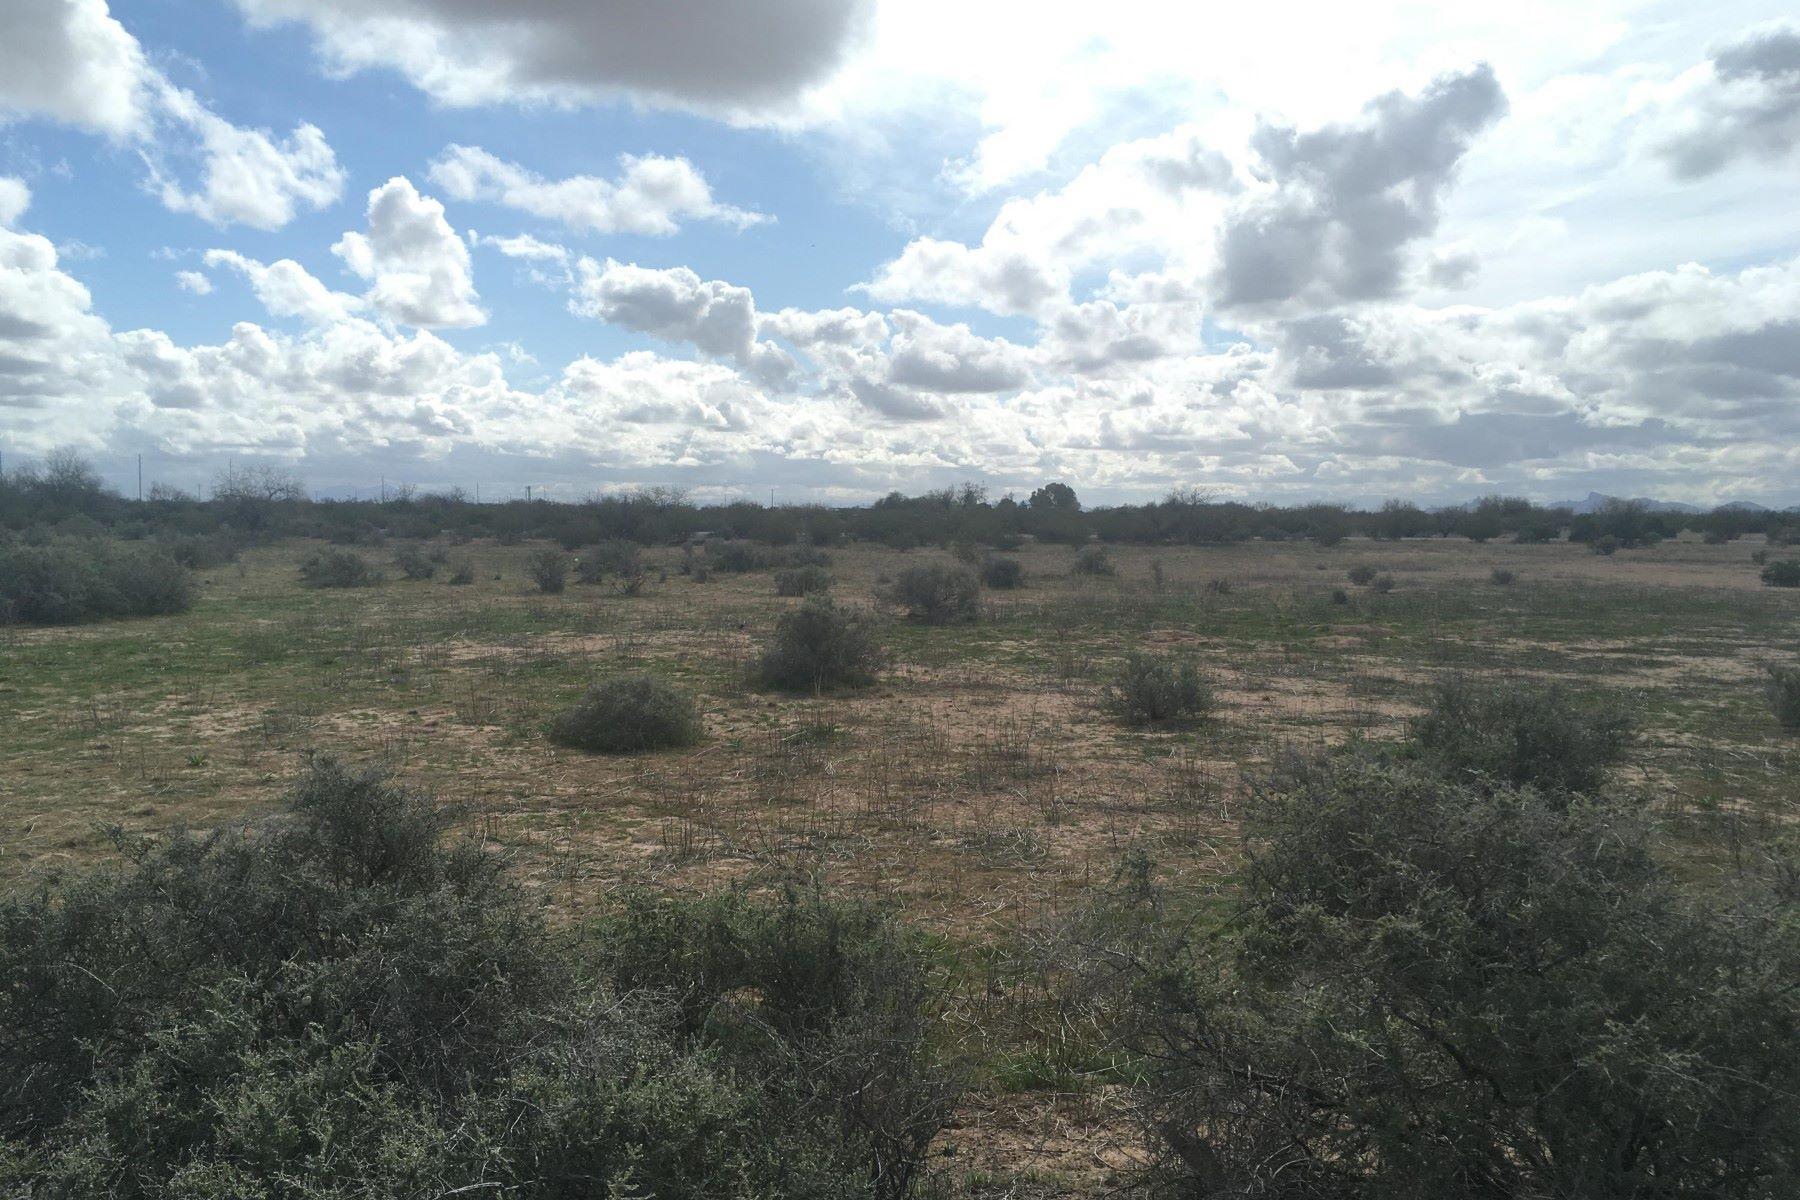 토지 용 매매 에 Arizona Valley 6085 W MAYWOOD DR 18, Eloy, 아리조나 85131 미국